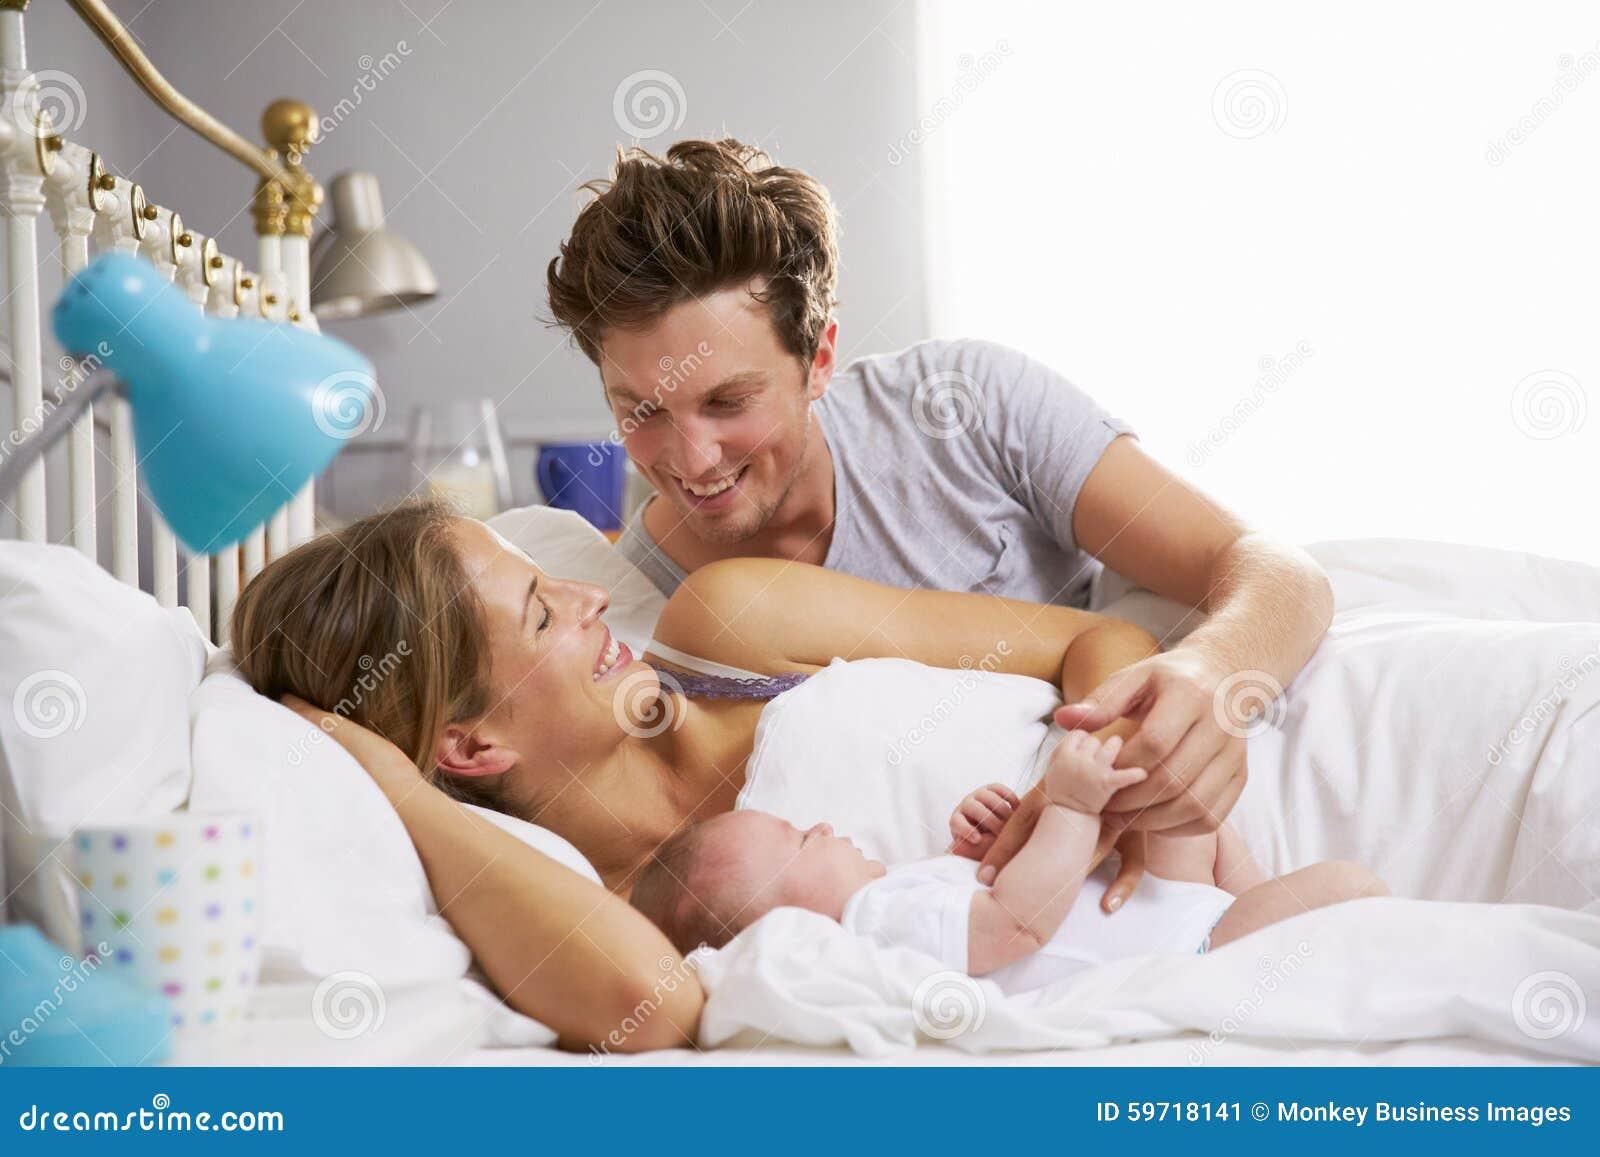 Фото секса пап с дочерьми, Секс папы с дочкой. Смотреть отец с дочкой порно фото 24 фотография